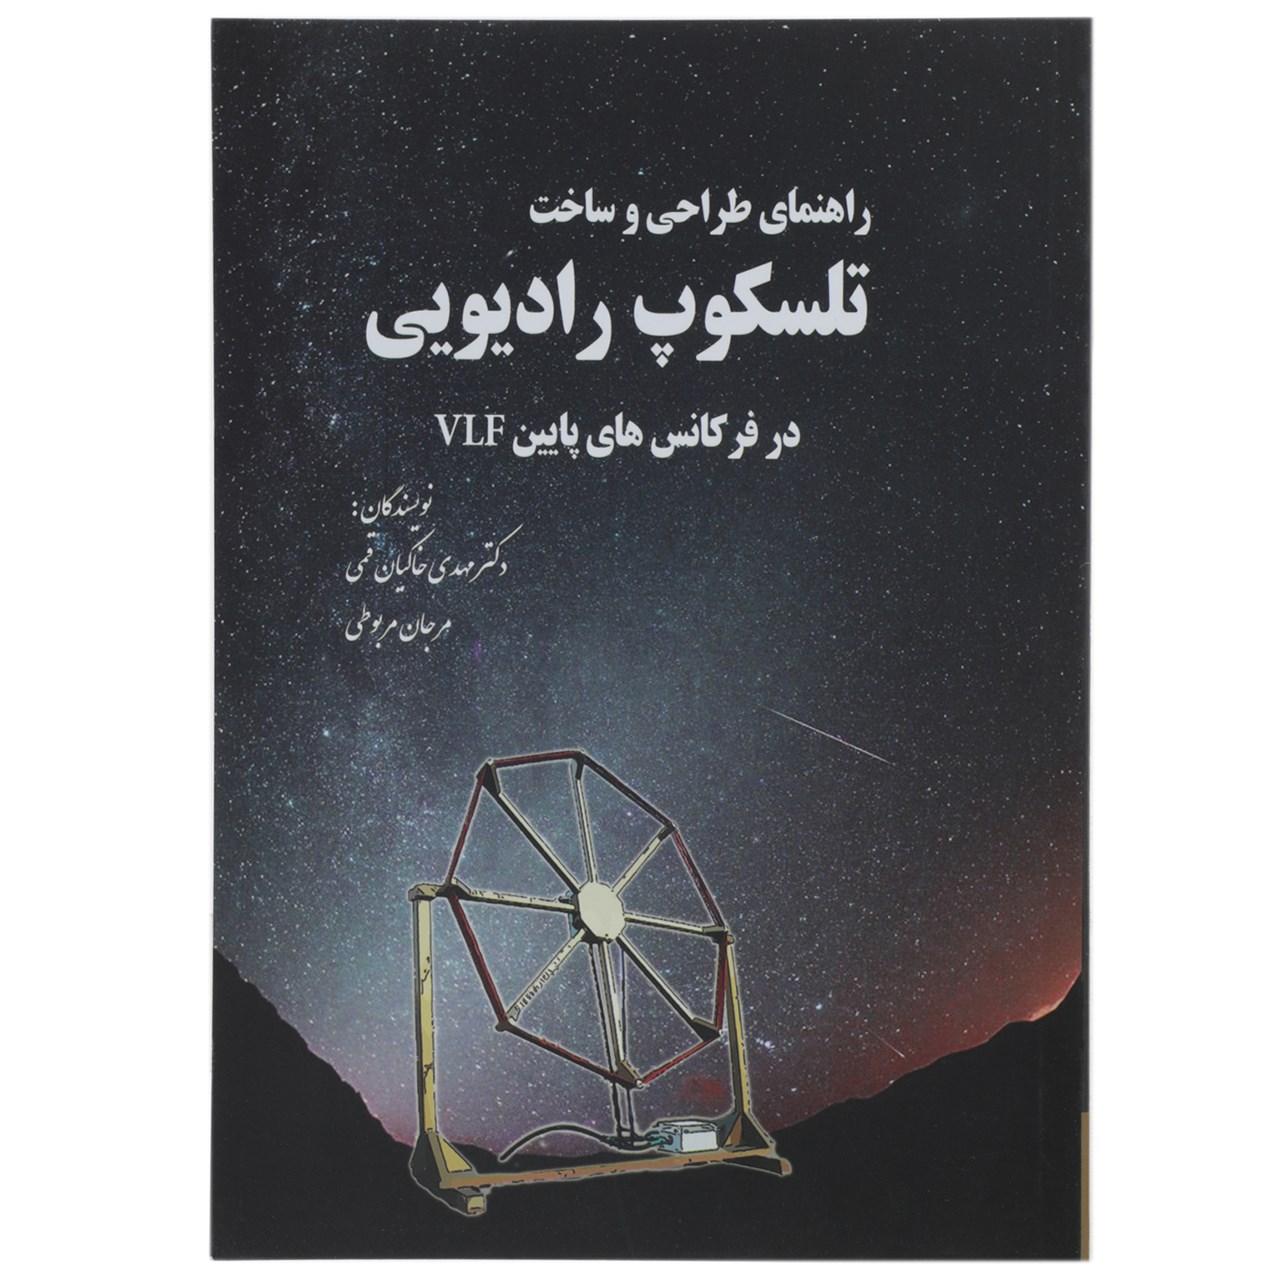 کتاب راهنمای طراحی و ساخت تلسکوپ رادیویی اثر مهدی خاکیان قمی